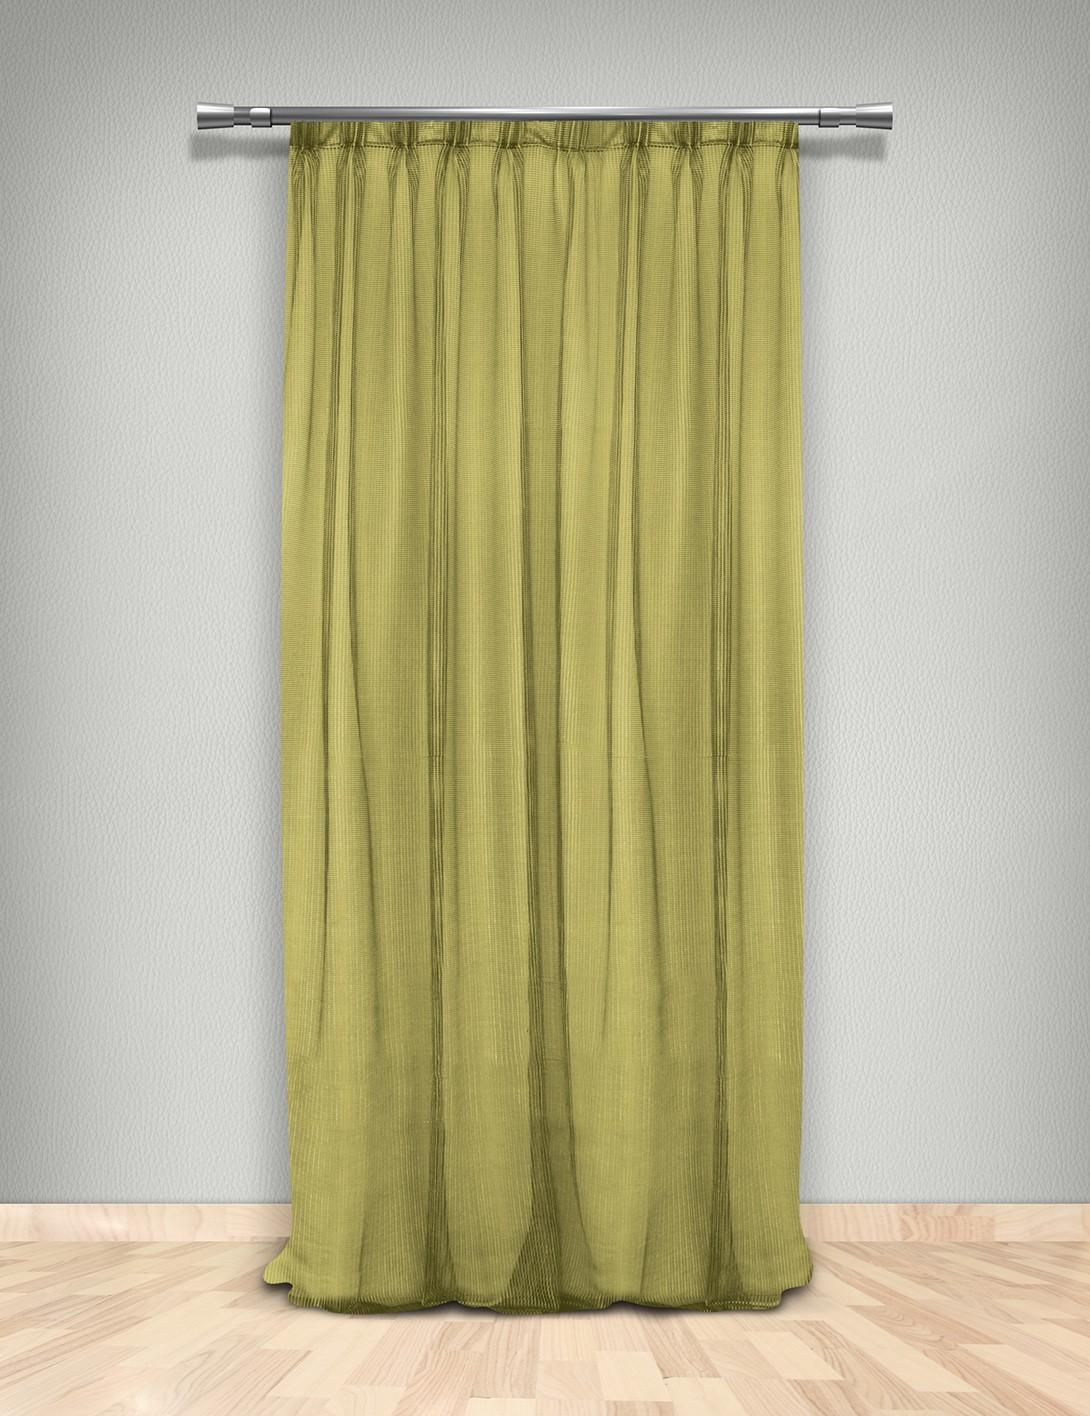 Κουρτίνα (145x300) Δίχτυ Maison Blanche 7026311511